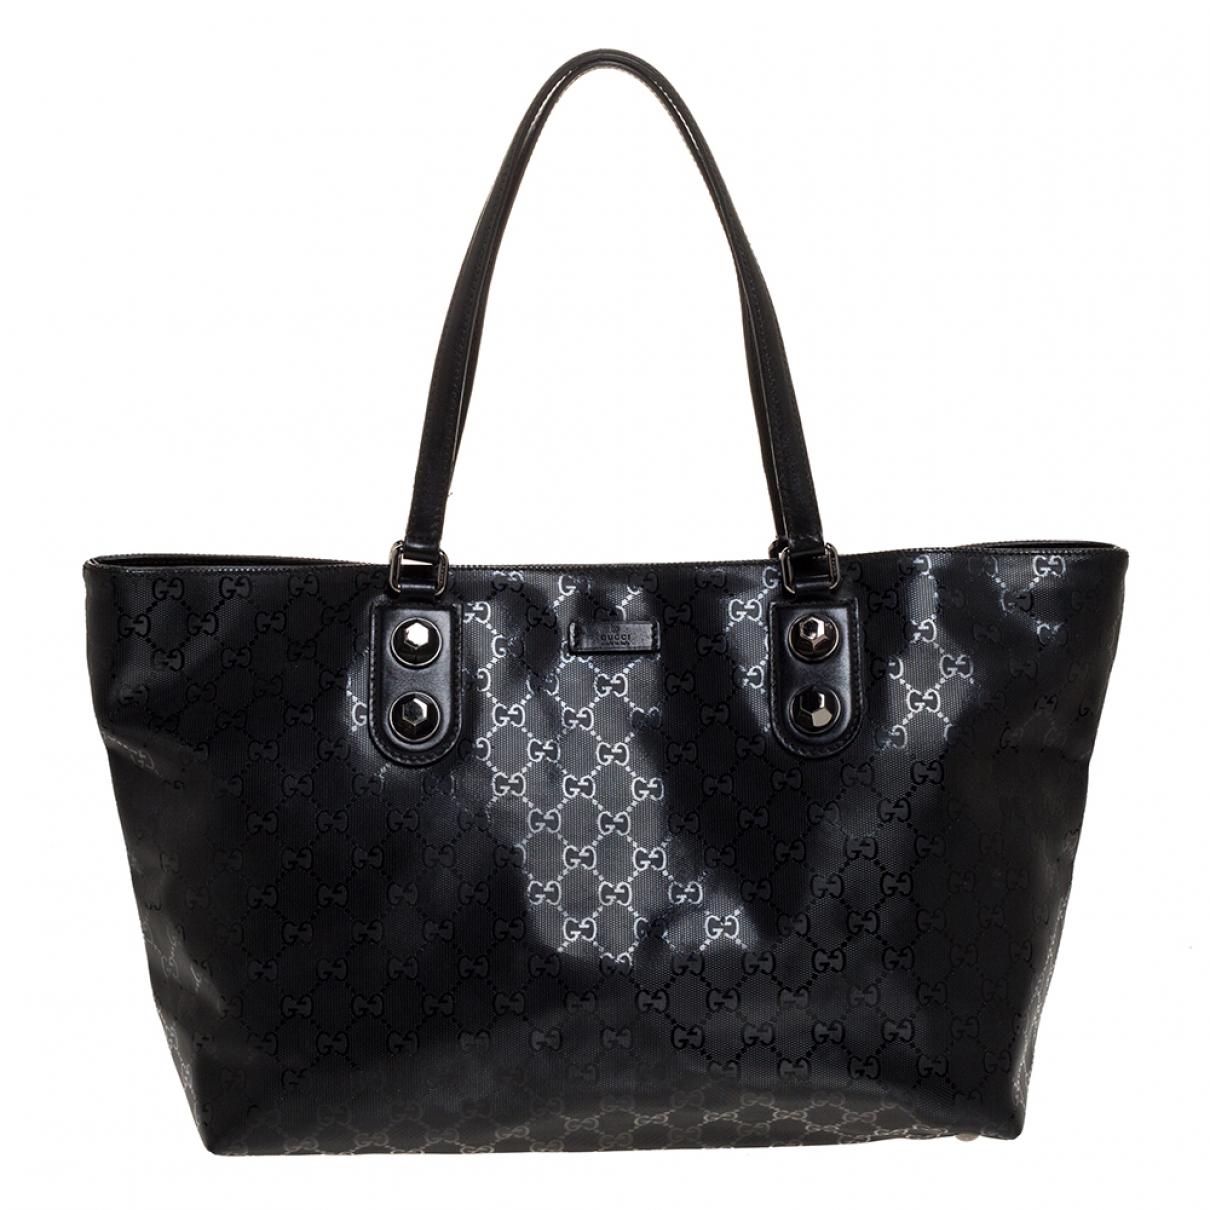 Gucci N Black Leather handbag for Women N